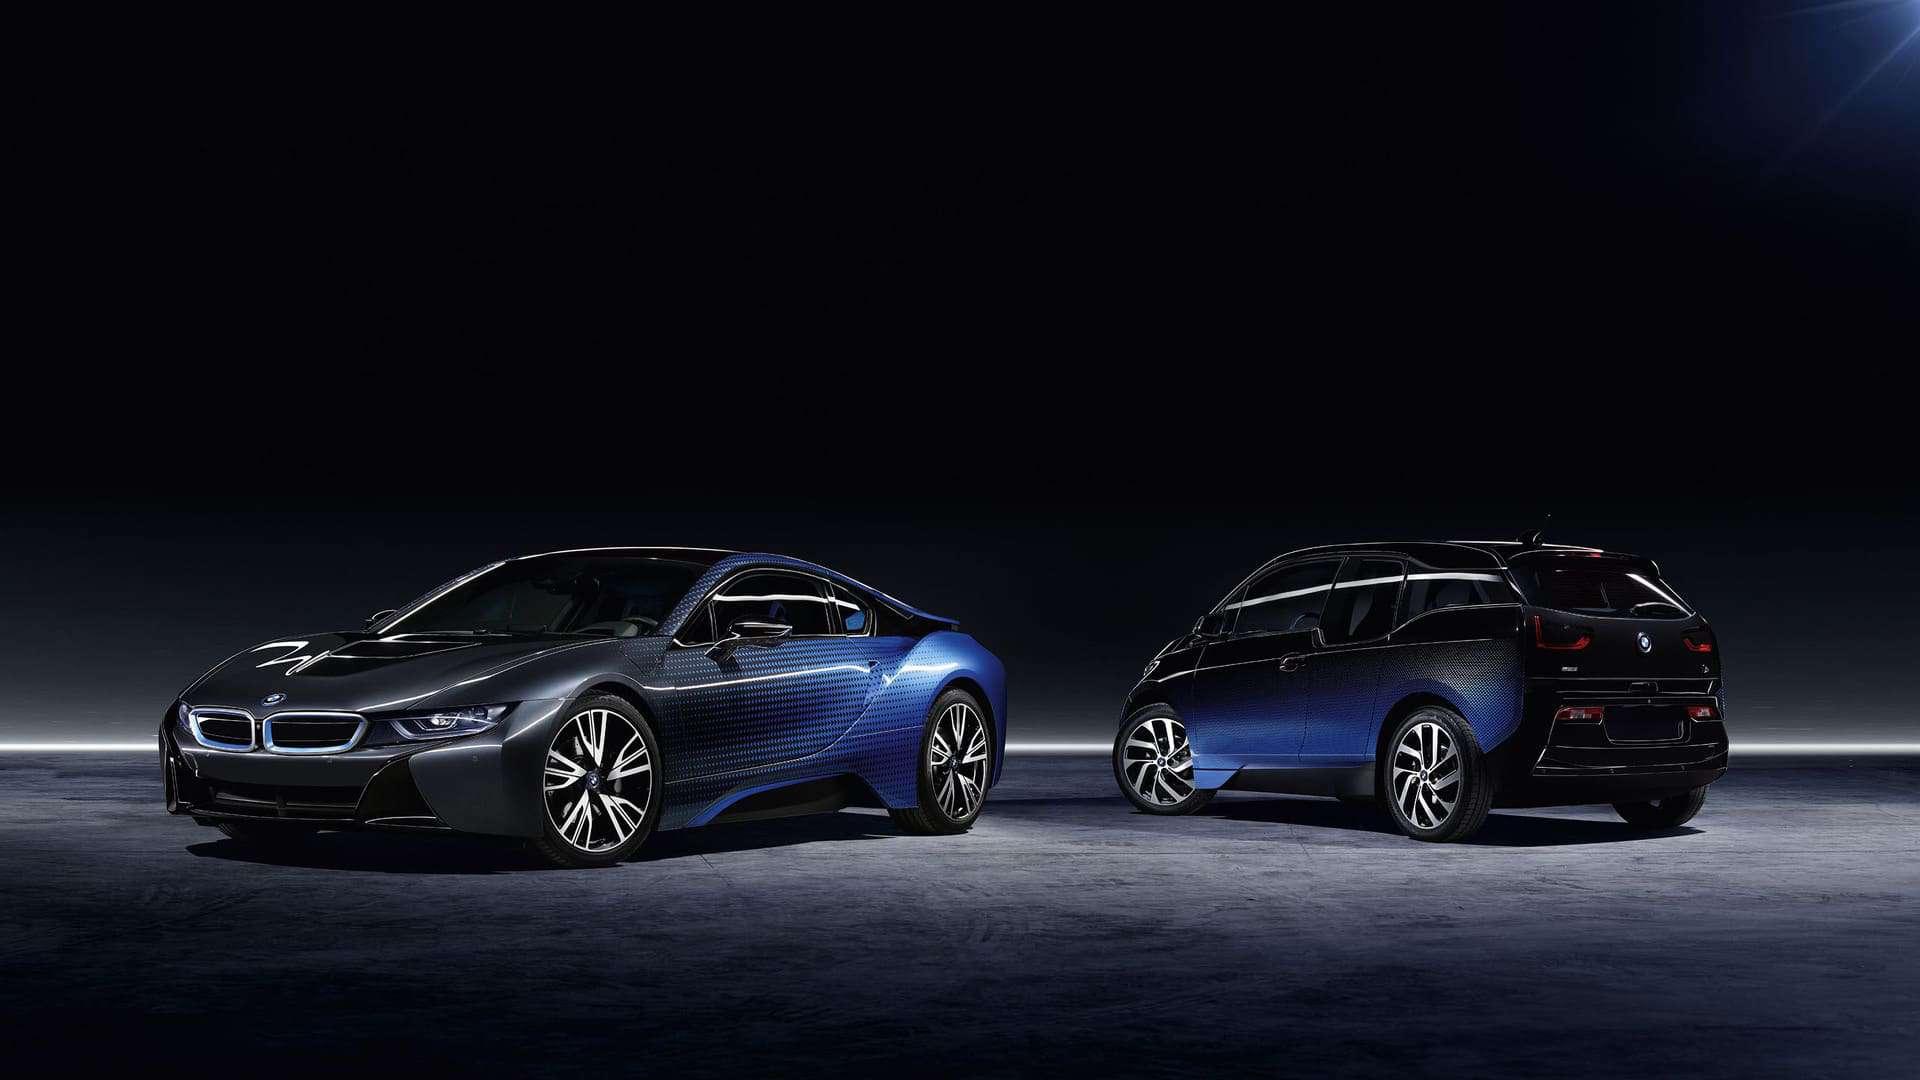 Los BMW i8 y i3 Crossfade Special Editions presentan un diseño artístico fenomenal con efectos visuales